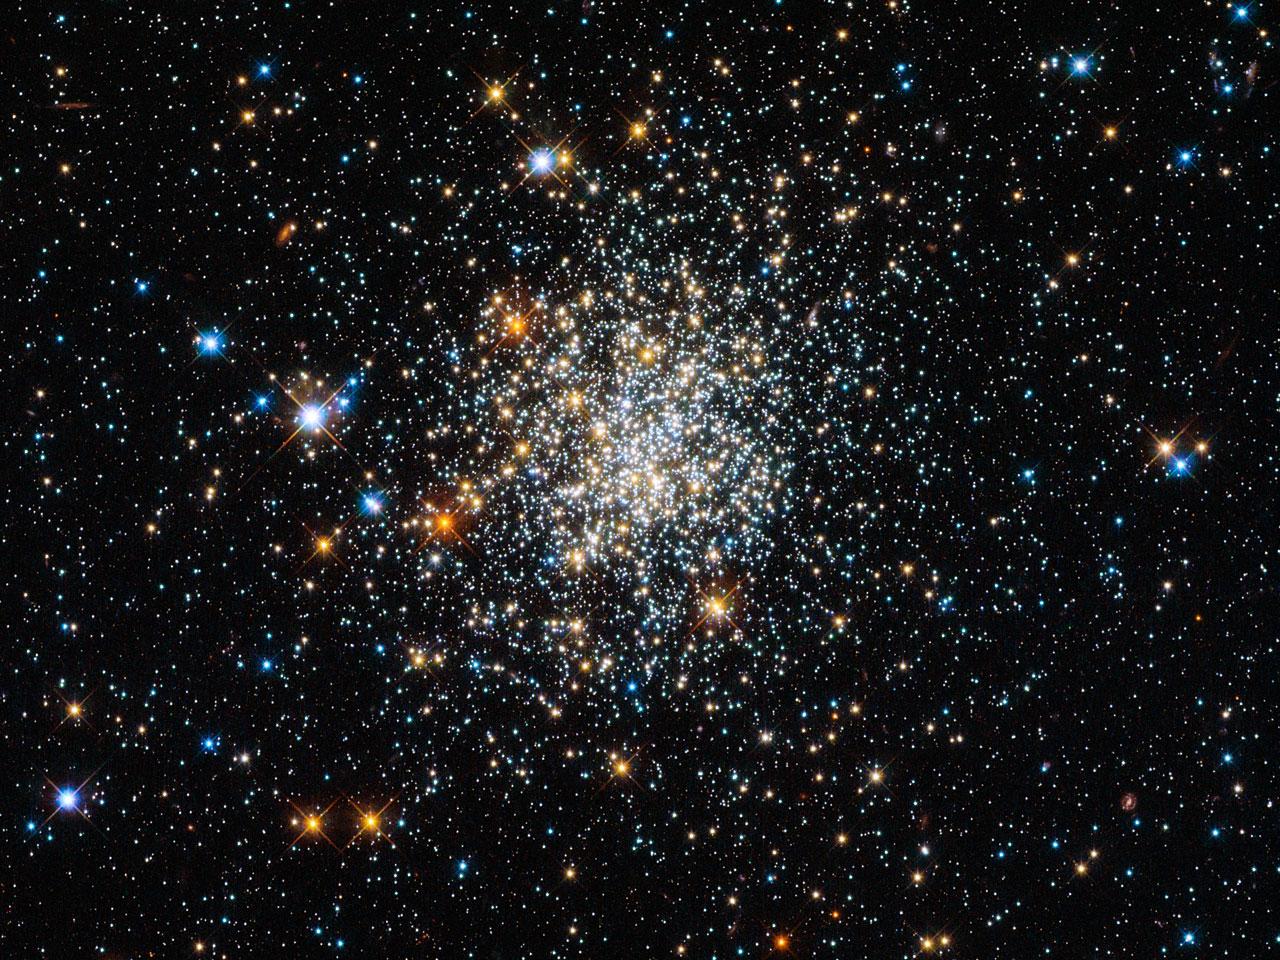 nasa stars and galaxies - photo #15